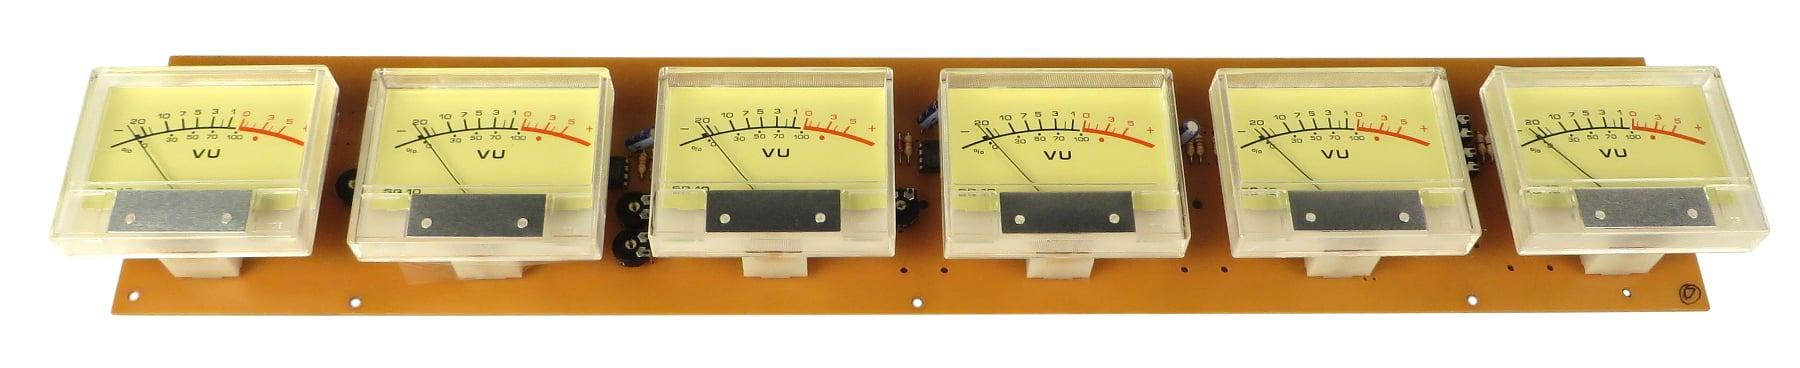 Left VU Meter PCB for GL3300